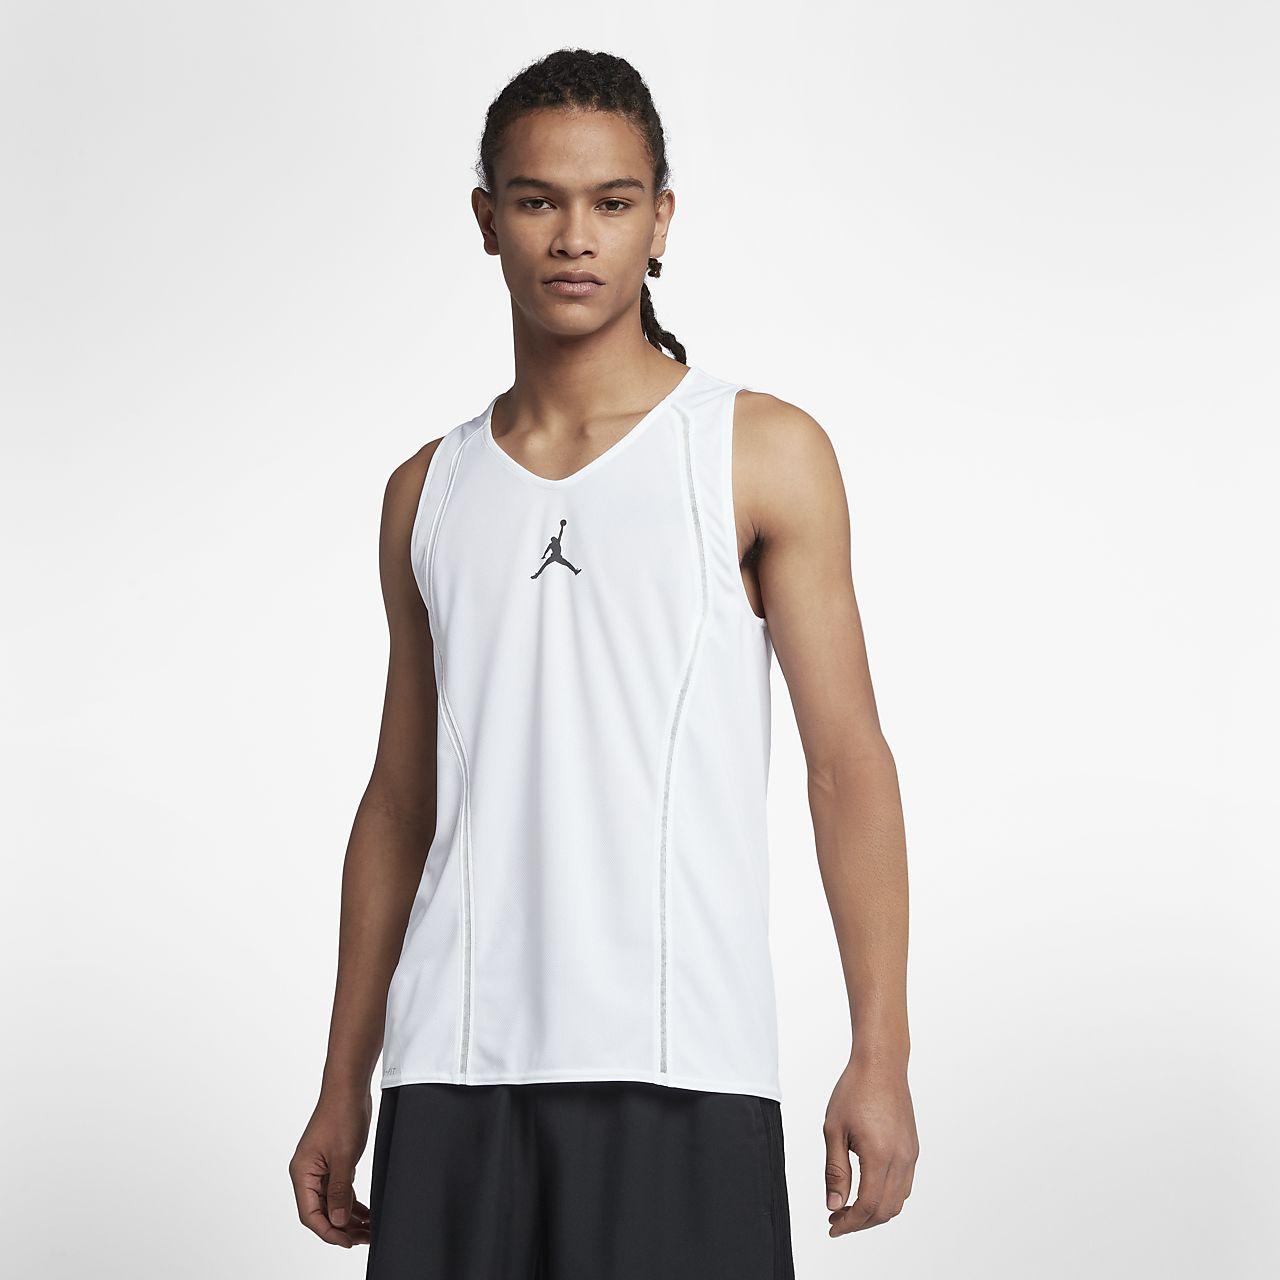 Camisola de basquetebol Jordan Ultimate Flight para homem